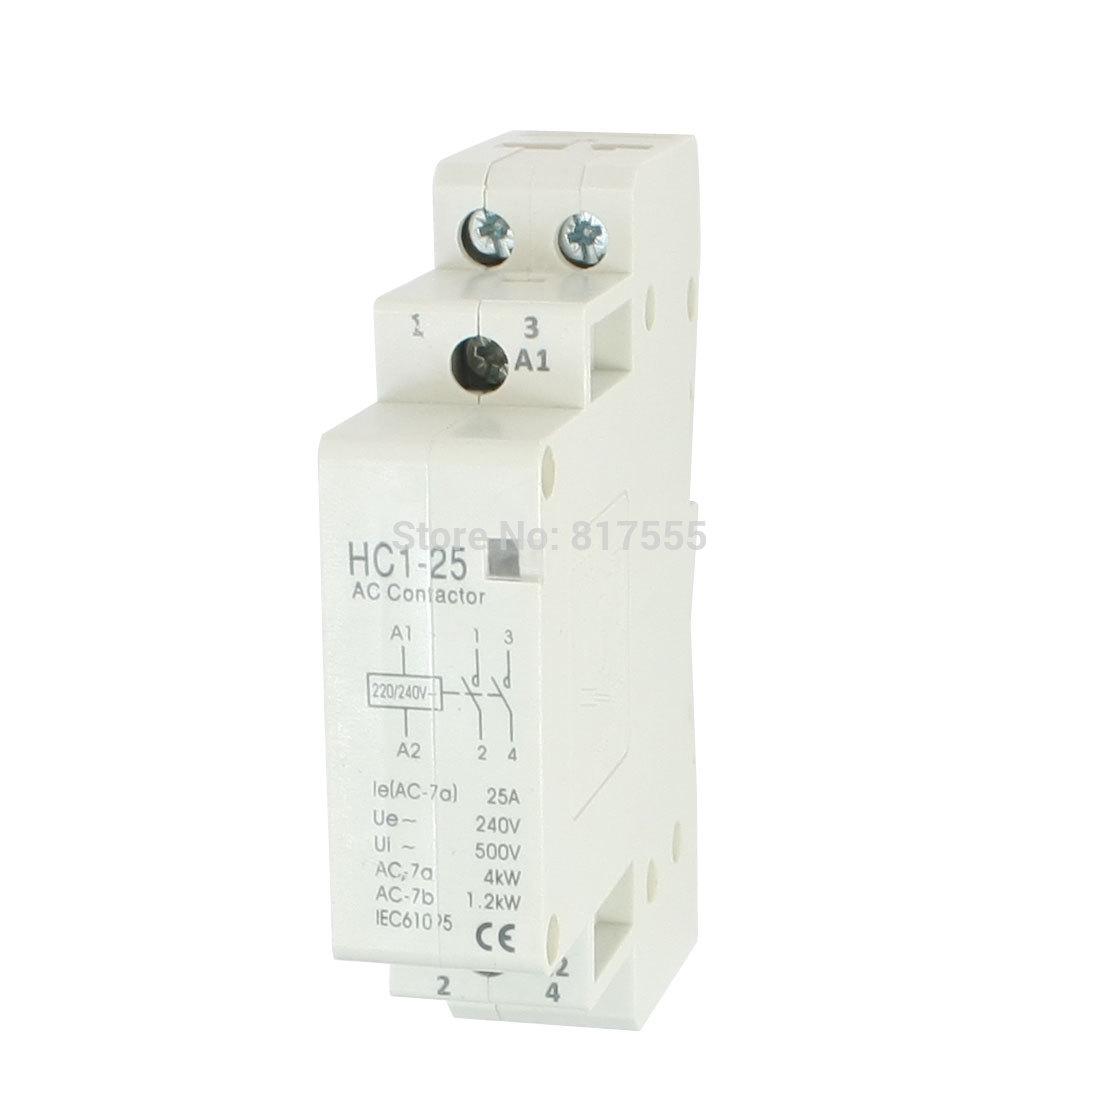 Замыкатель UX Motor AC240V 25 2 2P AC 35 DIN HC1-25